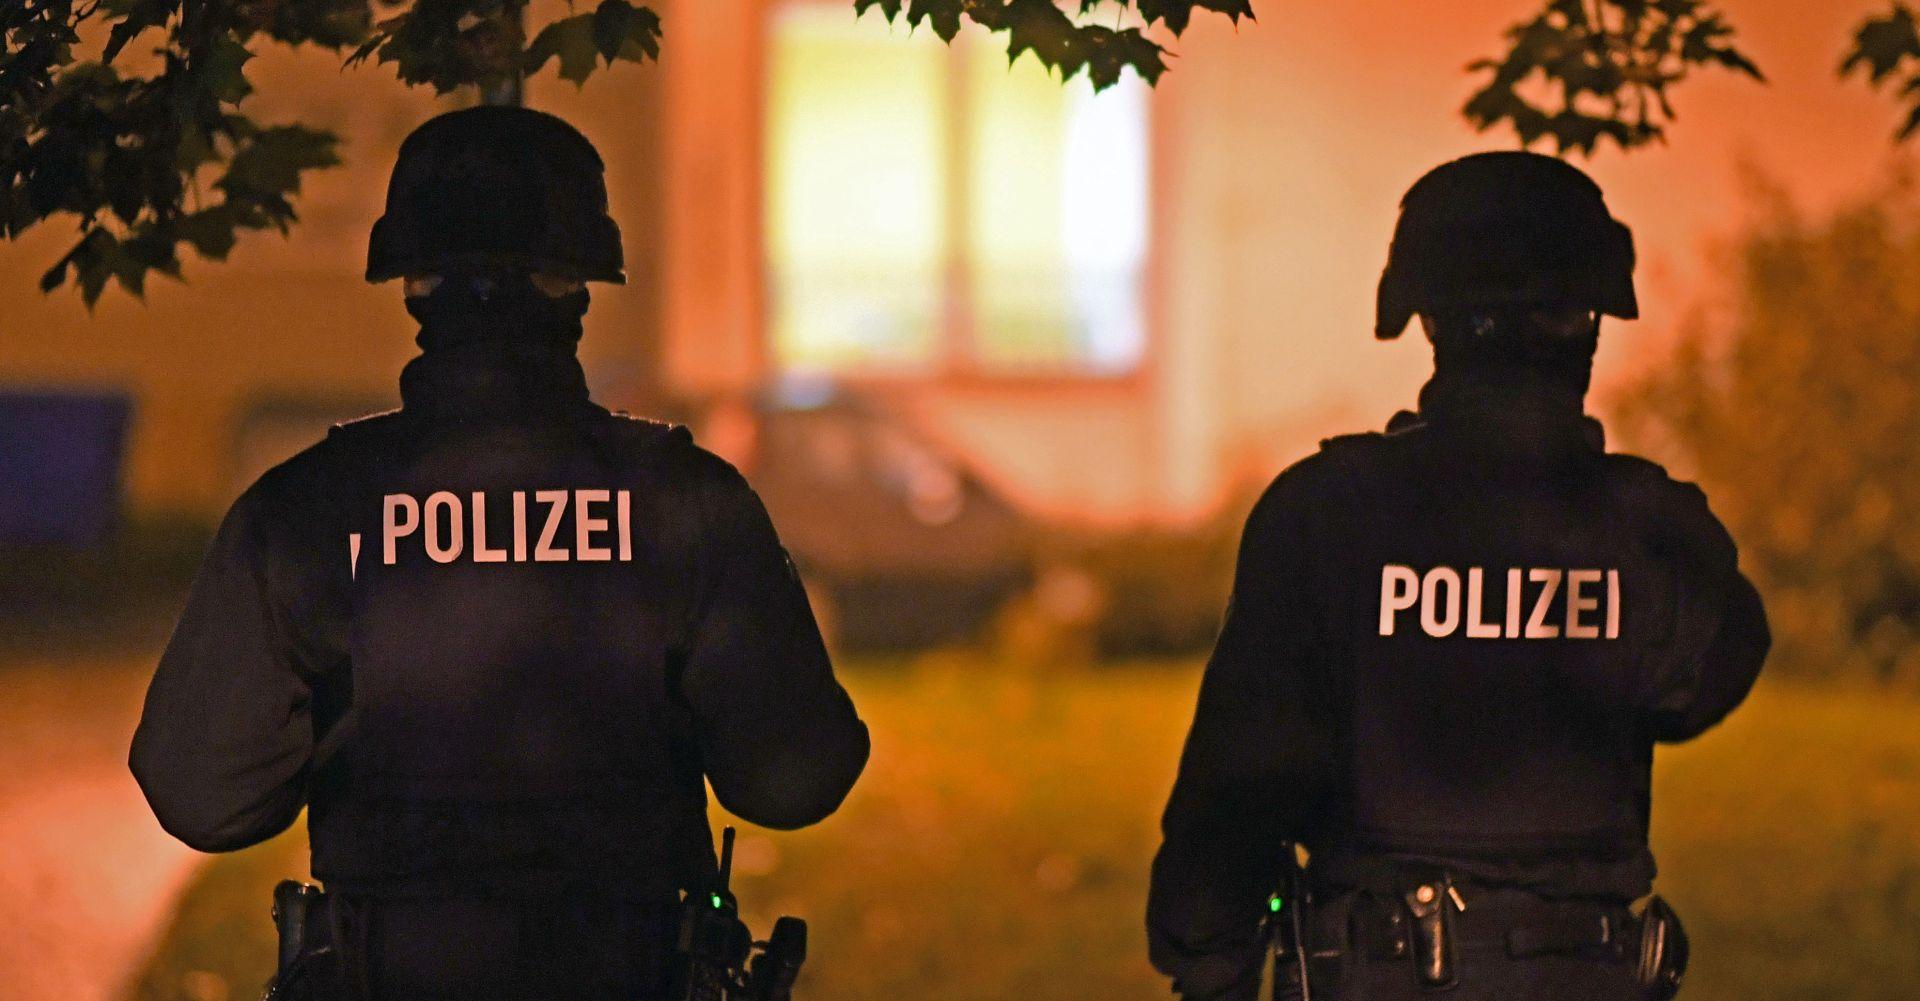 Njemačka policija traga za sirijskim izbjeglicom osumnjičenim za planiranje napada